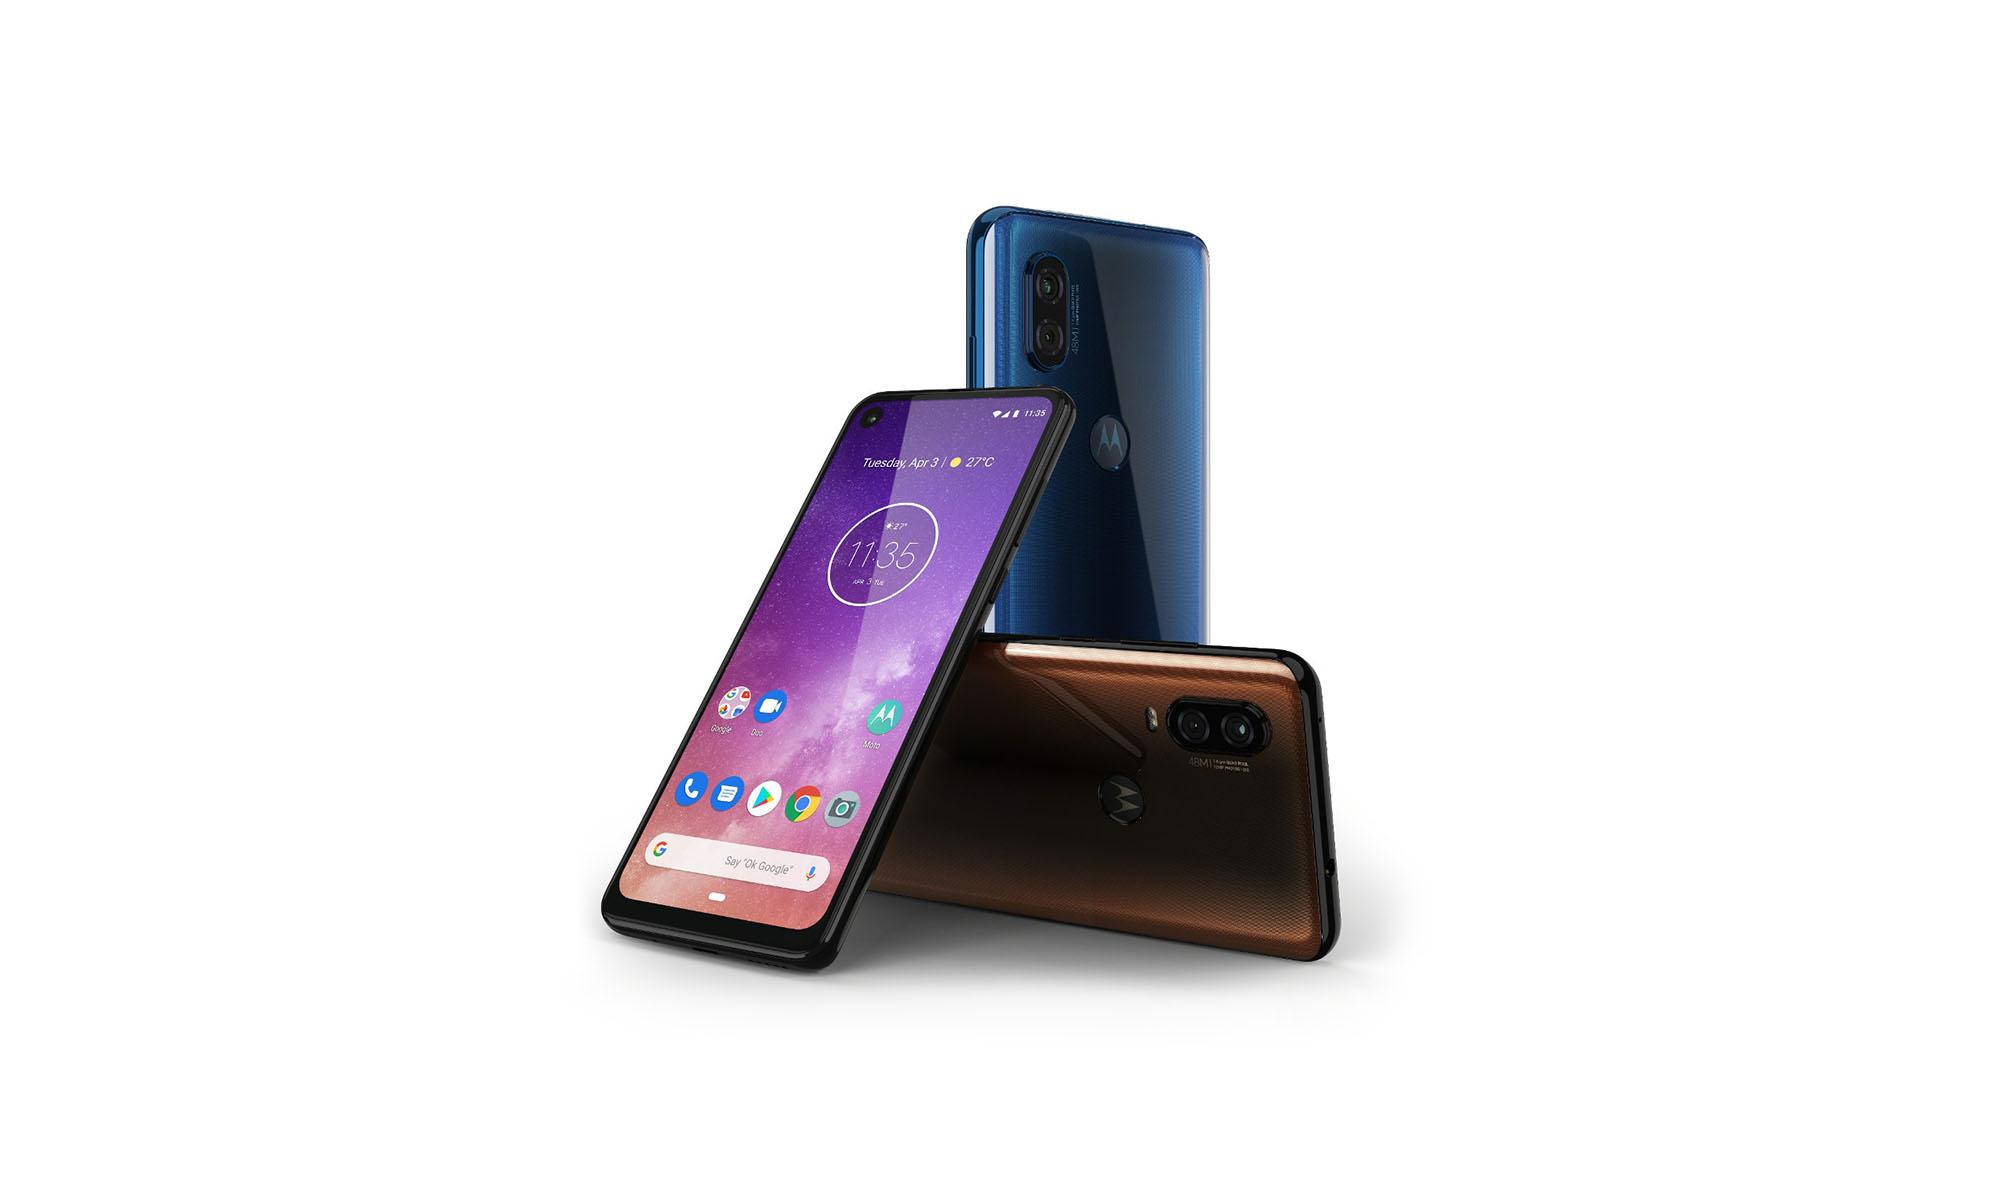 Motorola One Vision : capteur photo 48 Mpx et écran 21:9